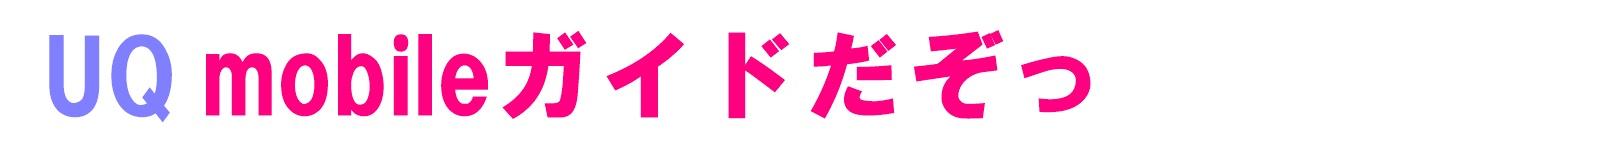 【2017年8月】UQモバイルキャッシュバックキャンペーン13000円が貰える方法